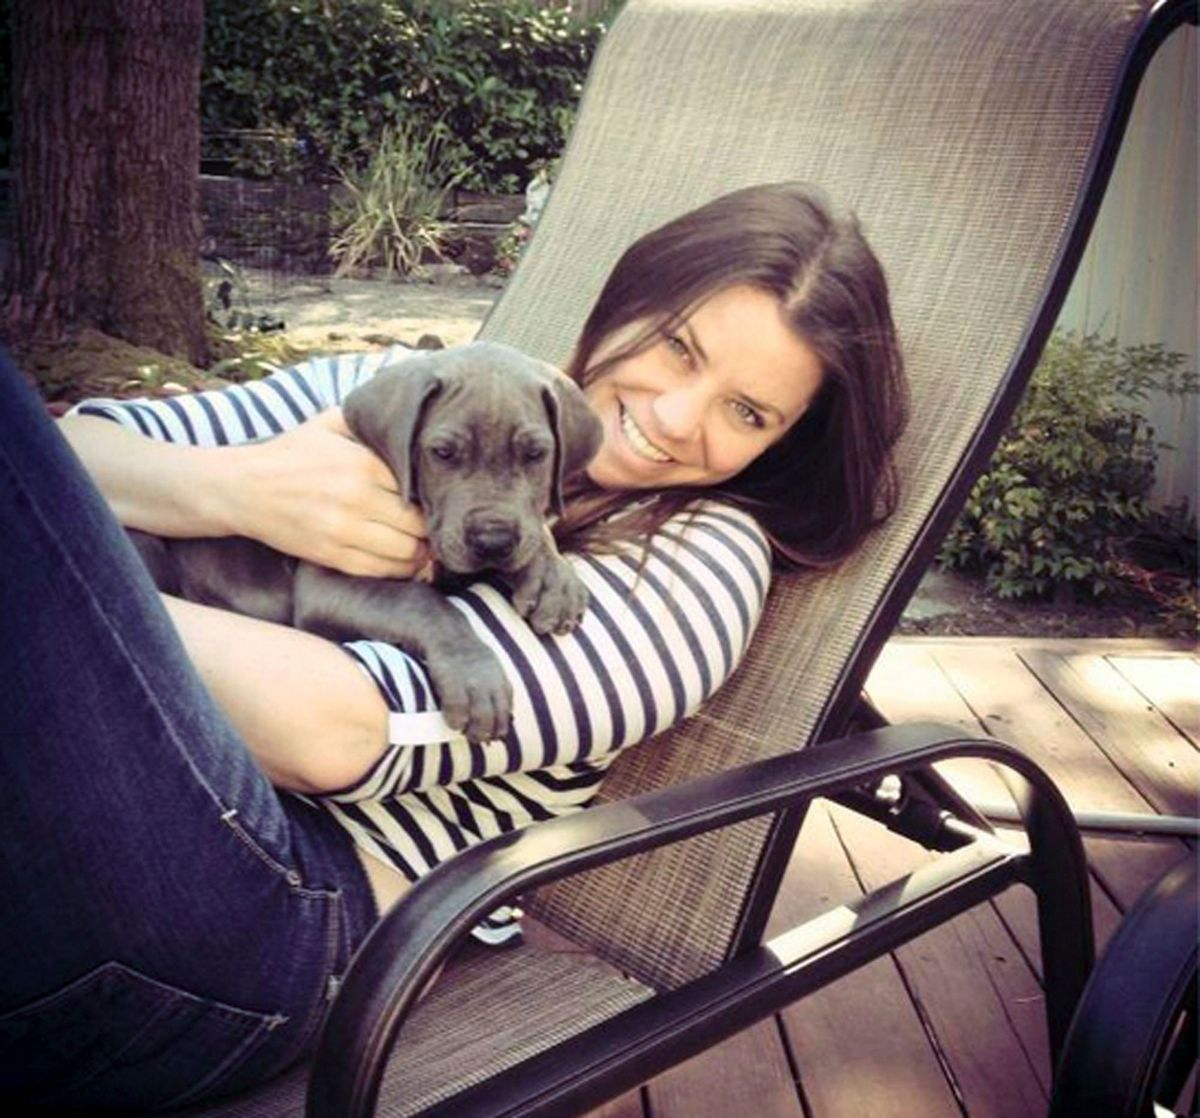 Brittany Maynard  (AP/Maynard Family)